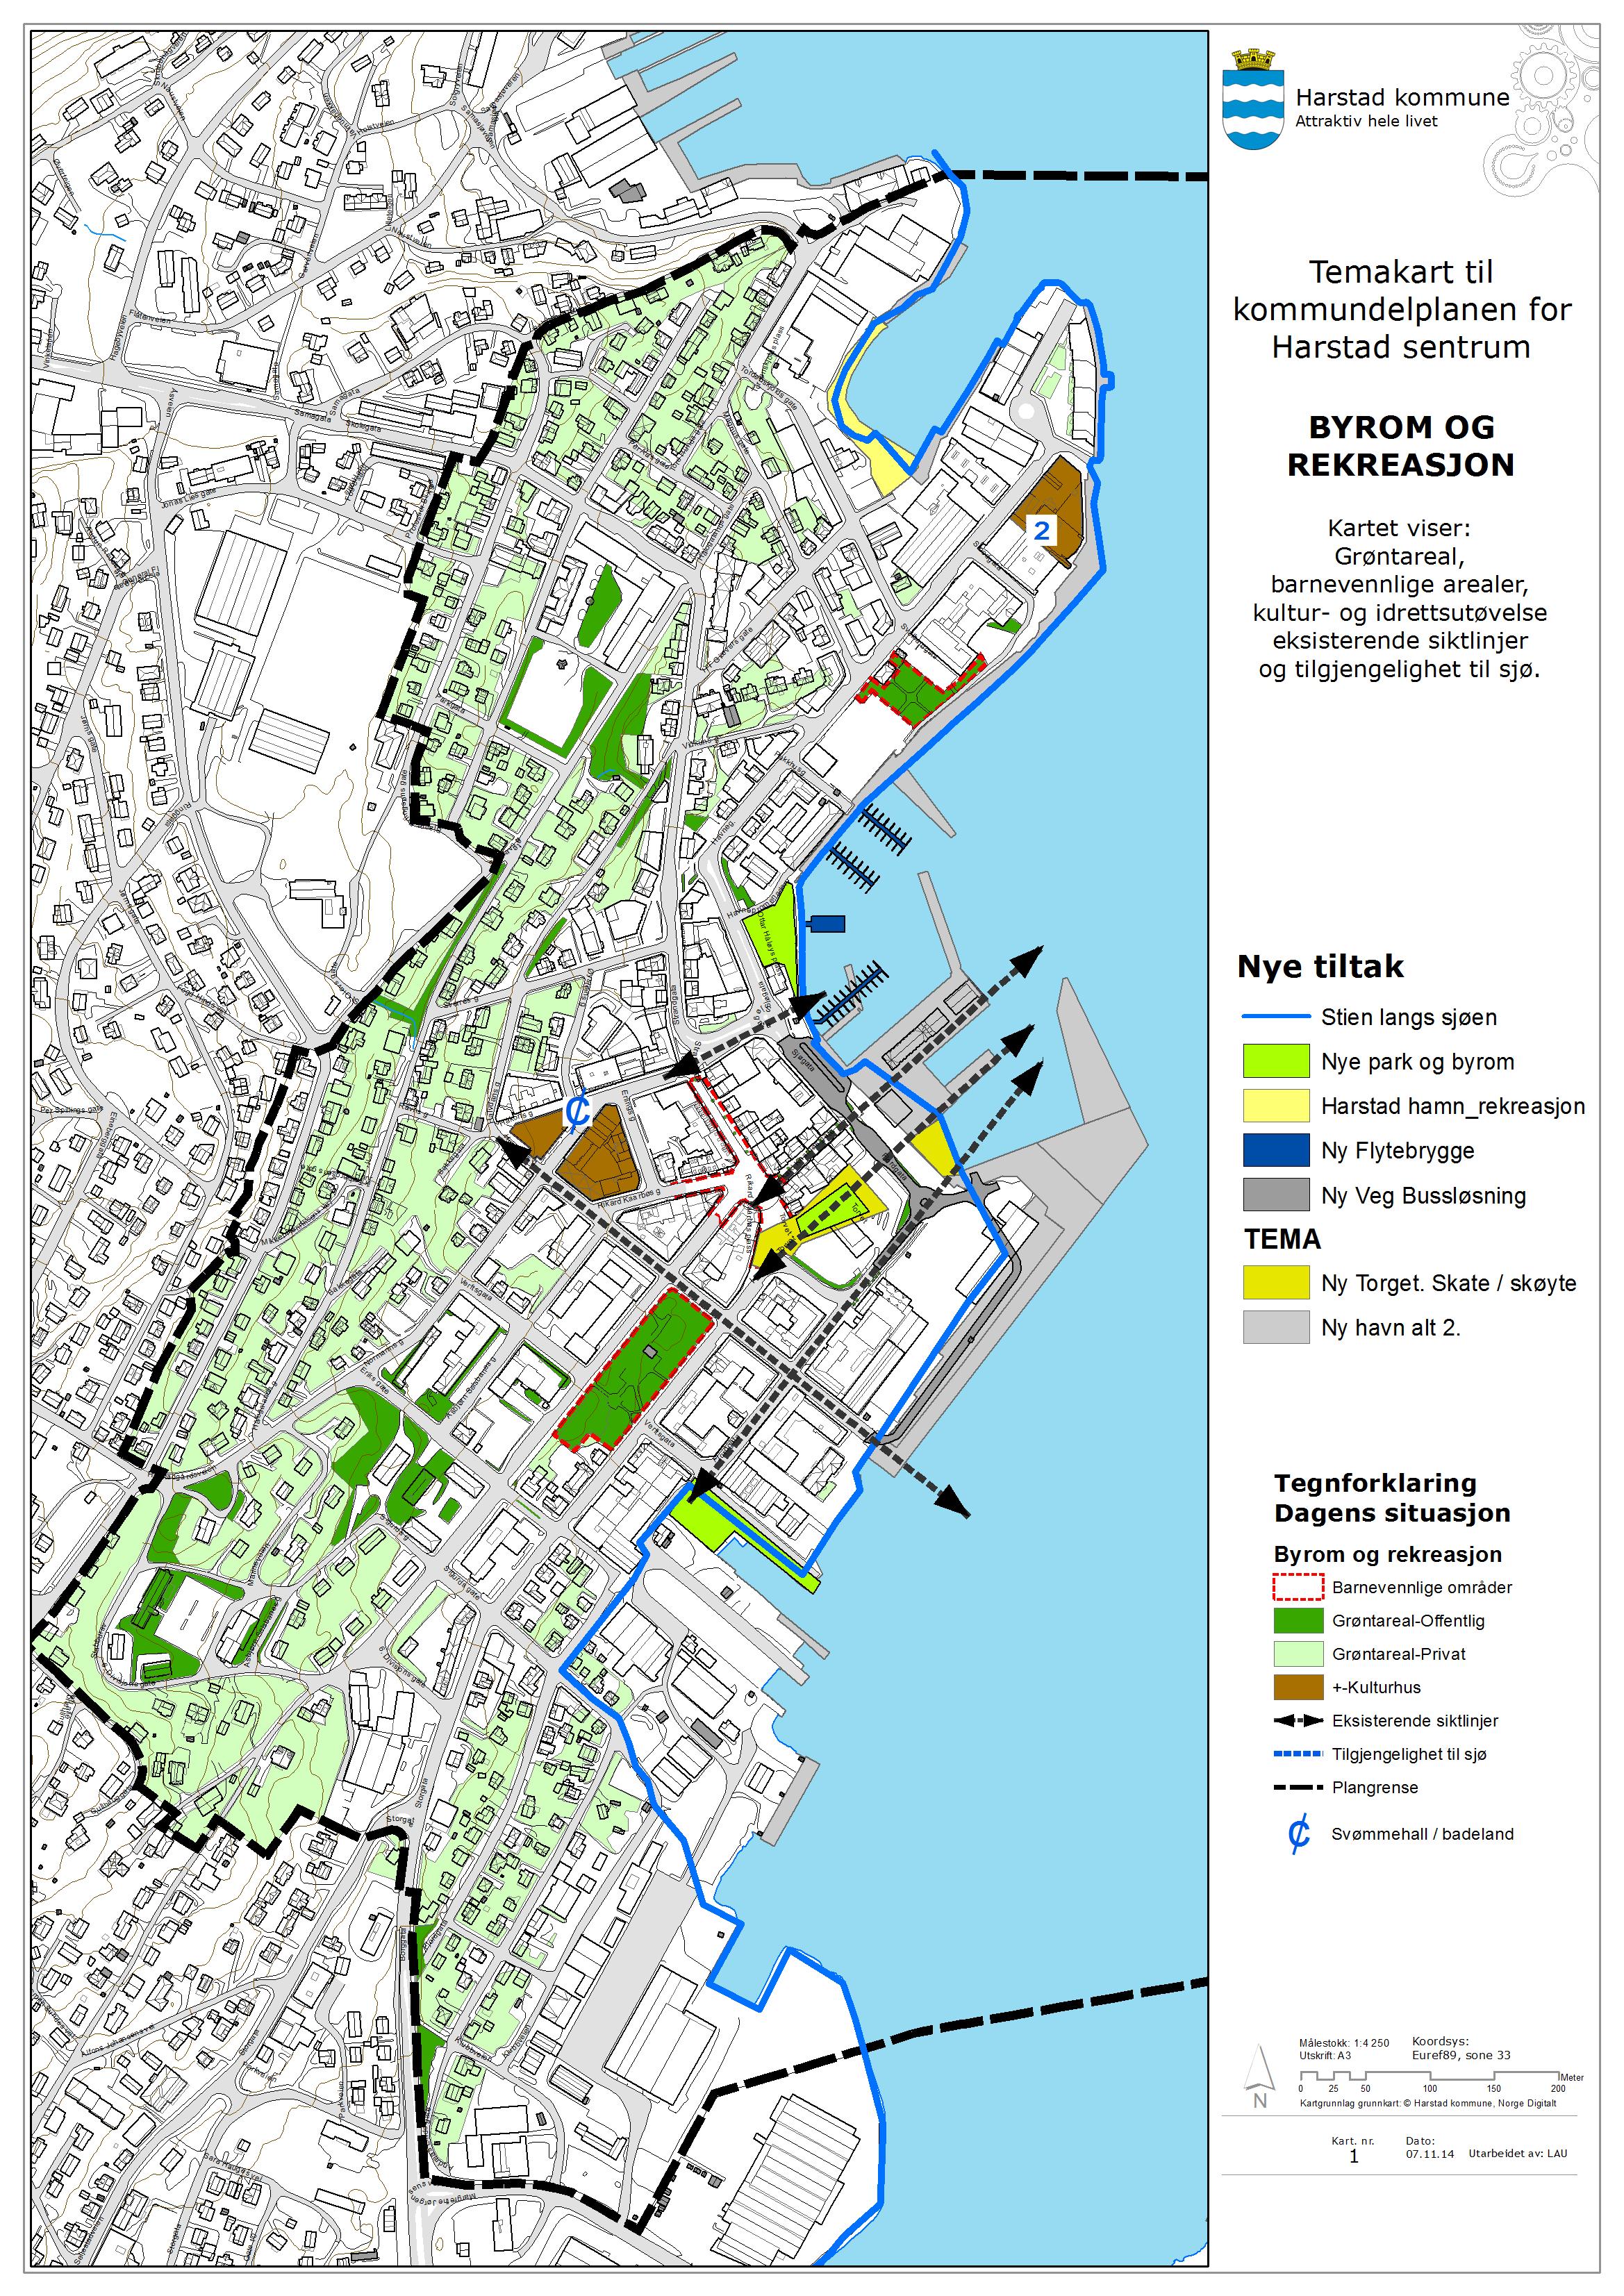 kart over harstad kommune Temakart   Harstad kommune kart over harstad kommune